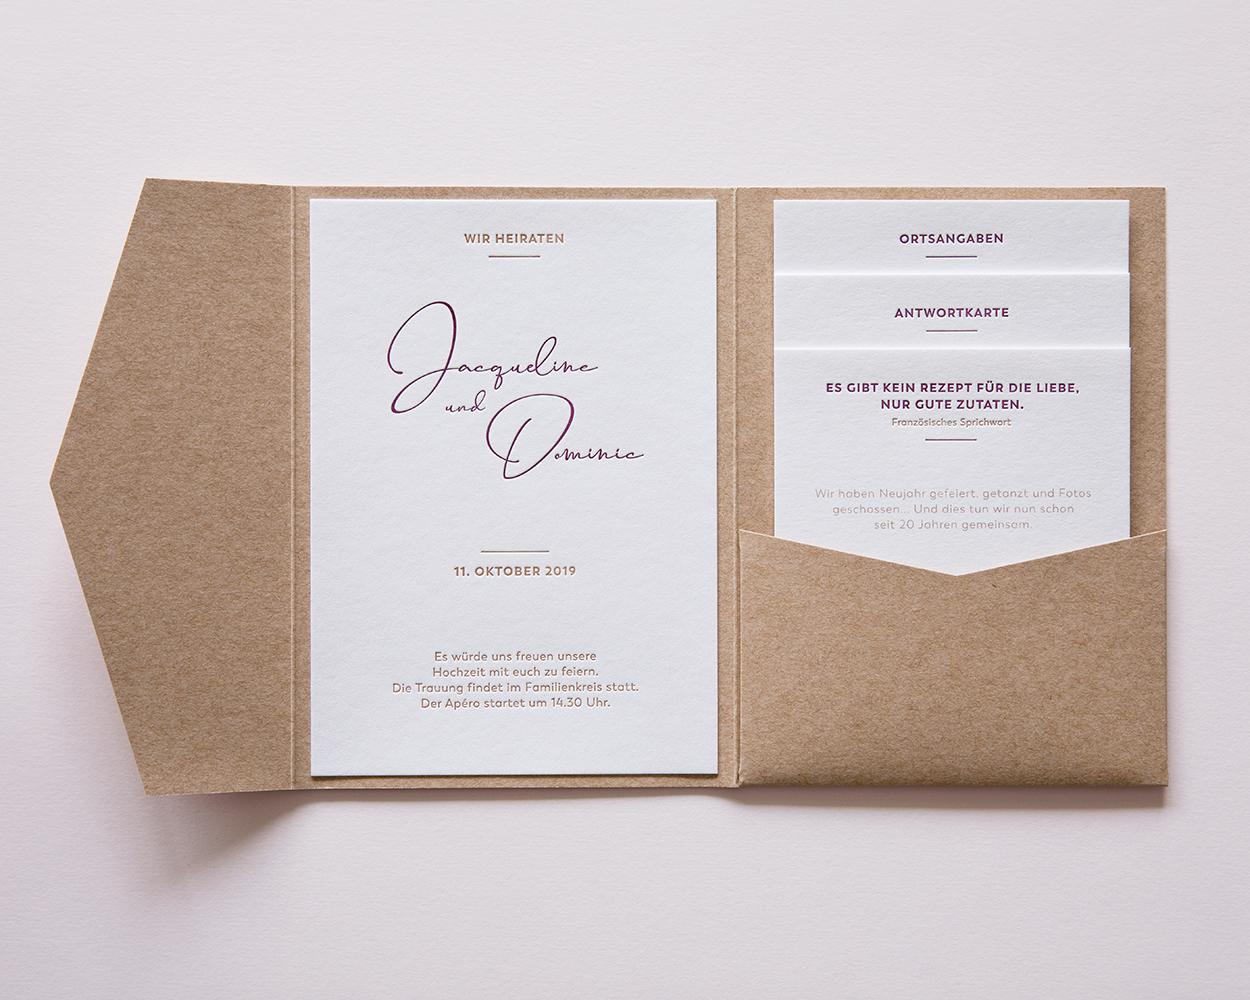 Hochzeitseinladung-JD-02.jpg